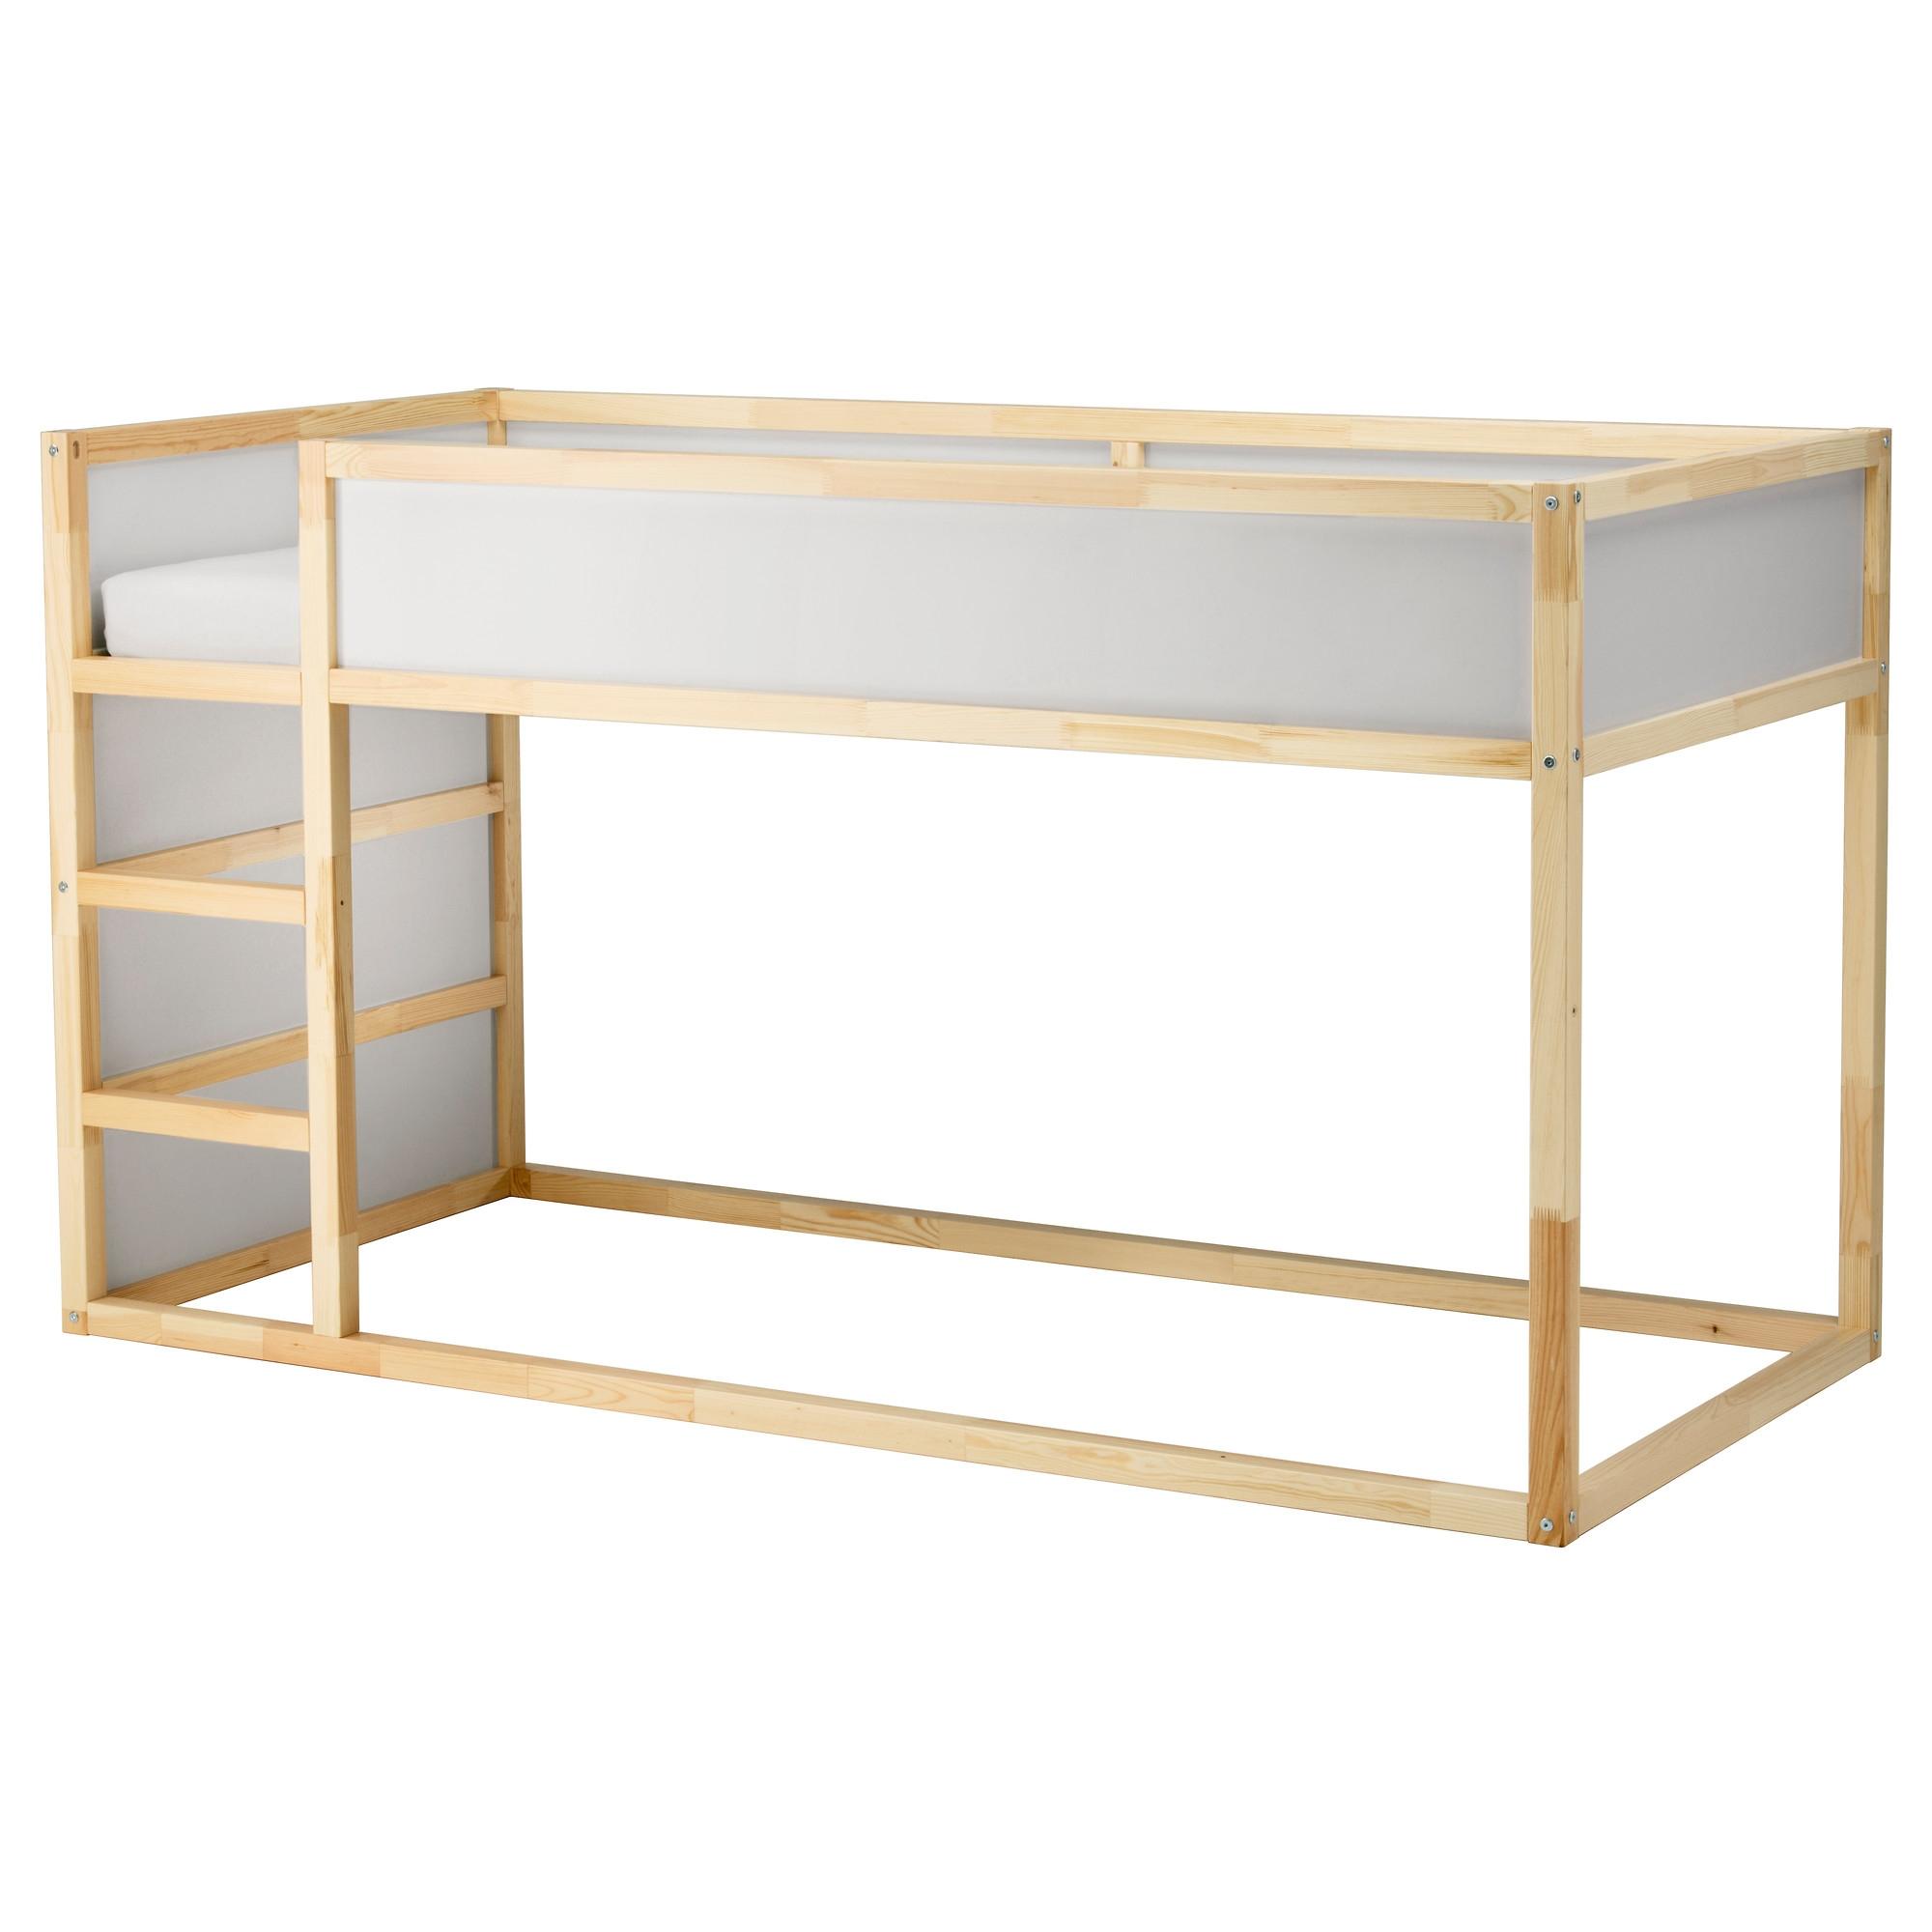 KURA cama reversible